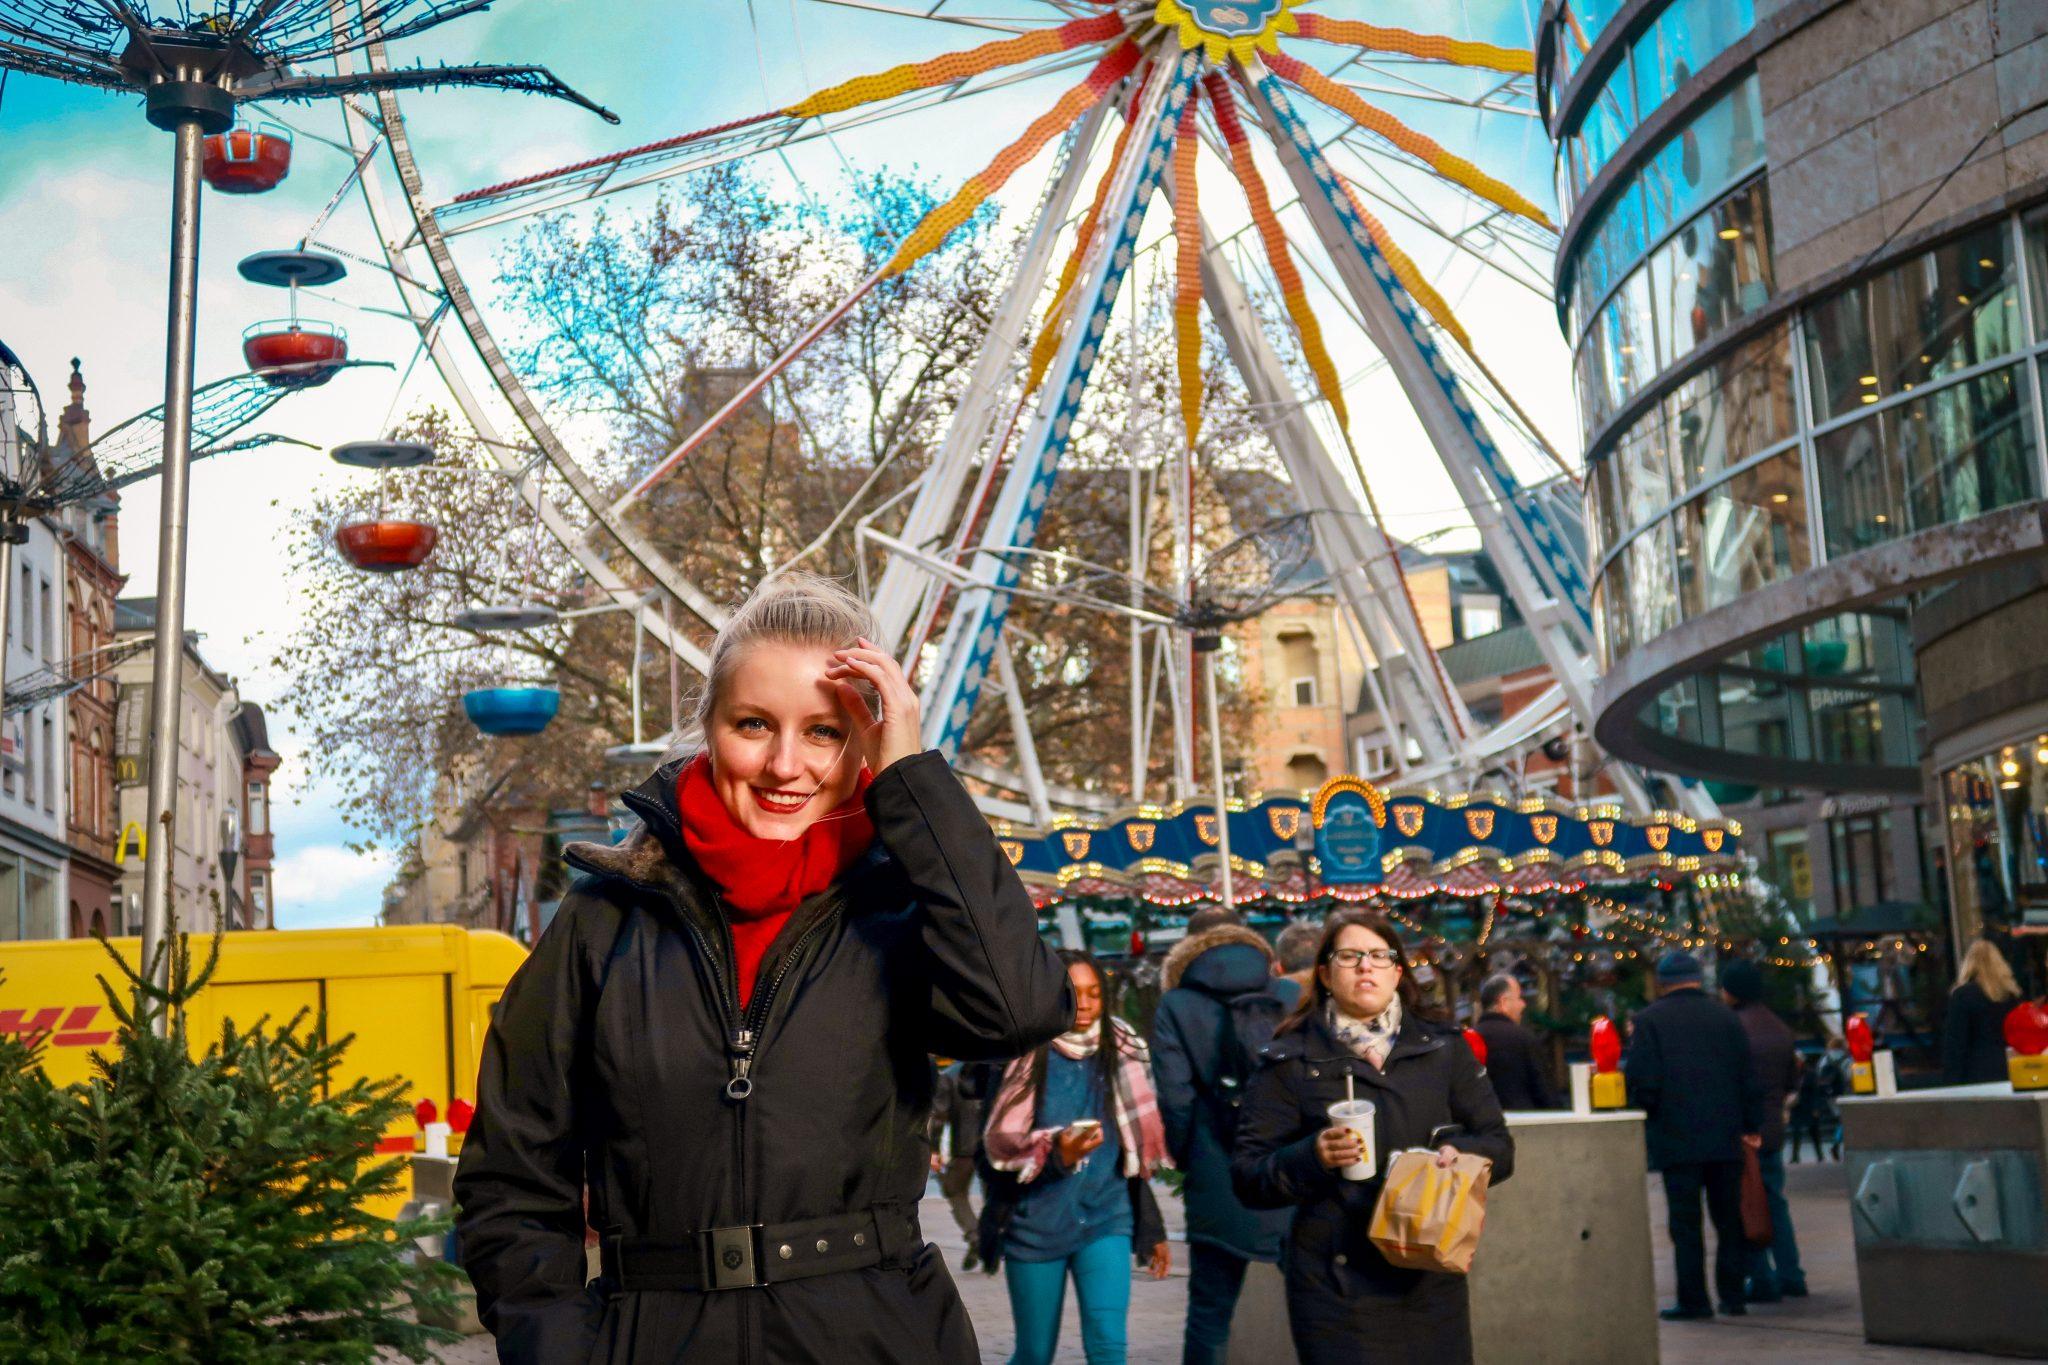 Wiesbaden, Sternschnuppenmarkt: Mitten in der Einkaufsstraße steht ein 45 Meter hohes Riesenrad, von welchem du den Weihnachtsmarkt aus sehen kannst.